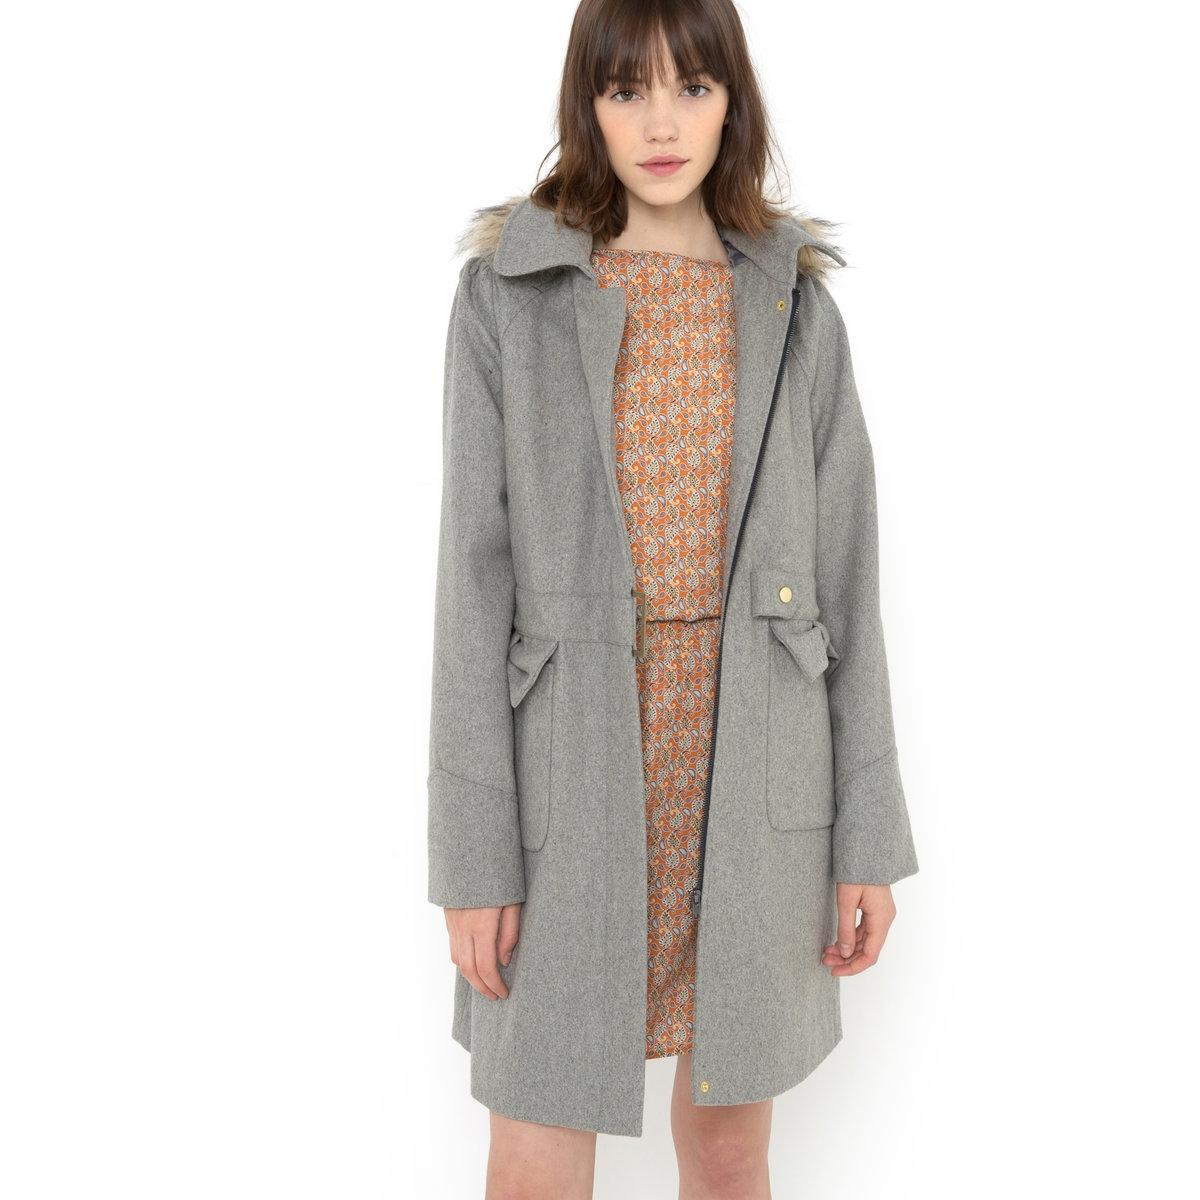 Пальто фасона трапеция, 60% шерсти2 накладных кармана с клапанами в тон спереди. Складки по талии на спинке. Складки на плечах. Длина ок.88 см.Пальто, 60% шерсти, 26% полиэстера, 6% полиамида, 6% акрила, 2% вискозы. Подкладка пальто и рукавов, 100% полиэстера.<br><br>Цвет: светло-серый меланж<br>Размер: 42 (FR) - 48 (RUS).36 (FR) - 42 (RUS).38 (FR) - 44 (RUS)